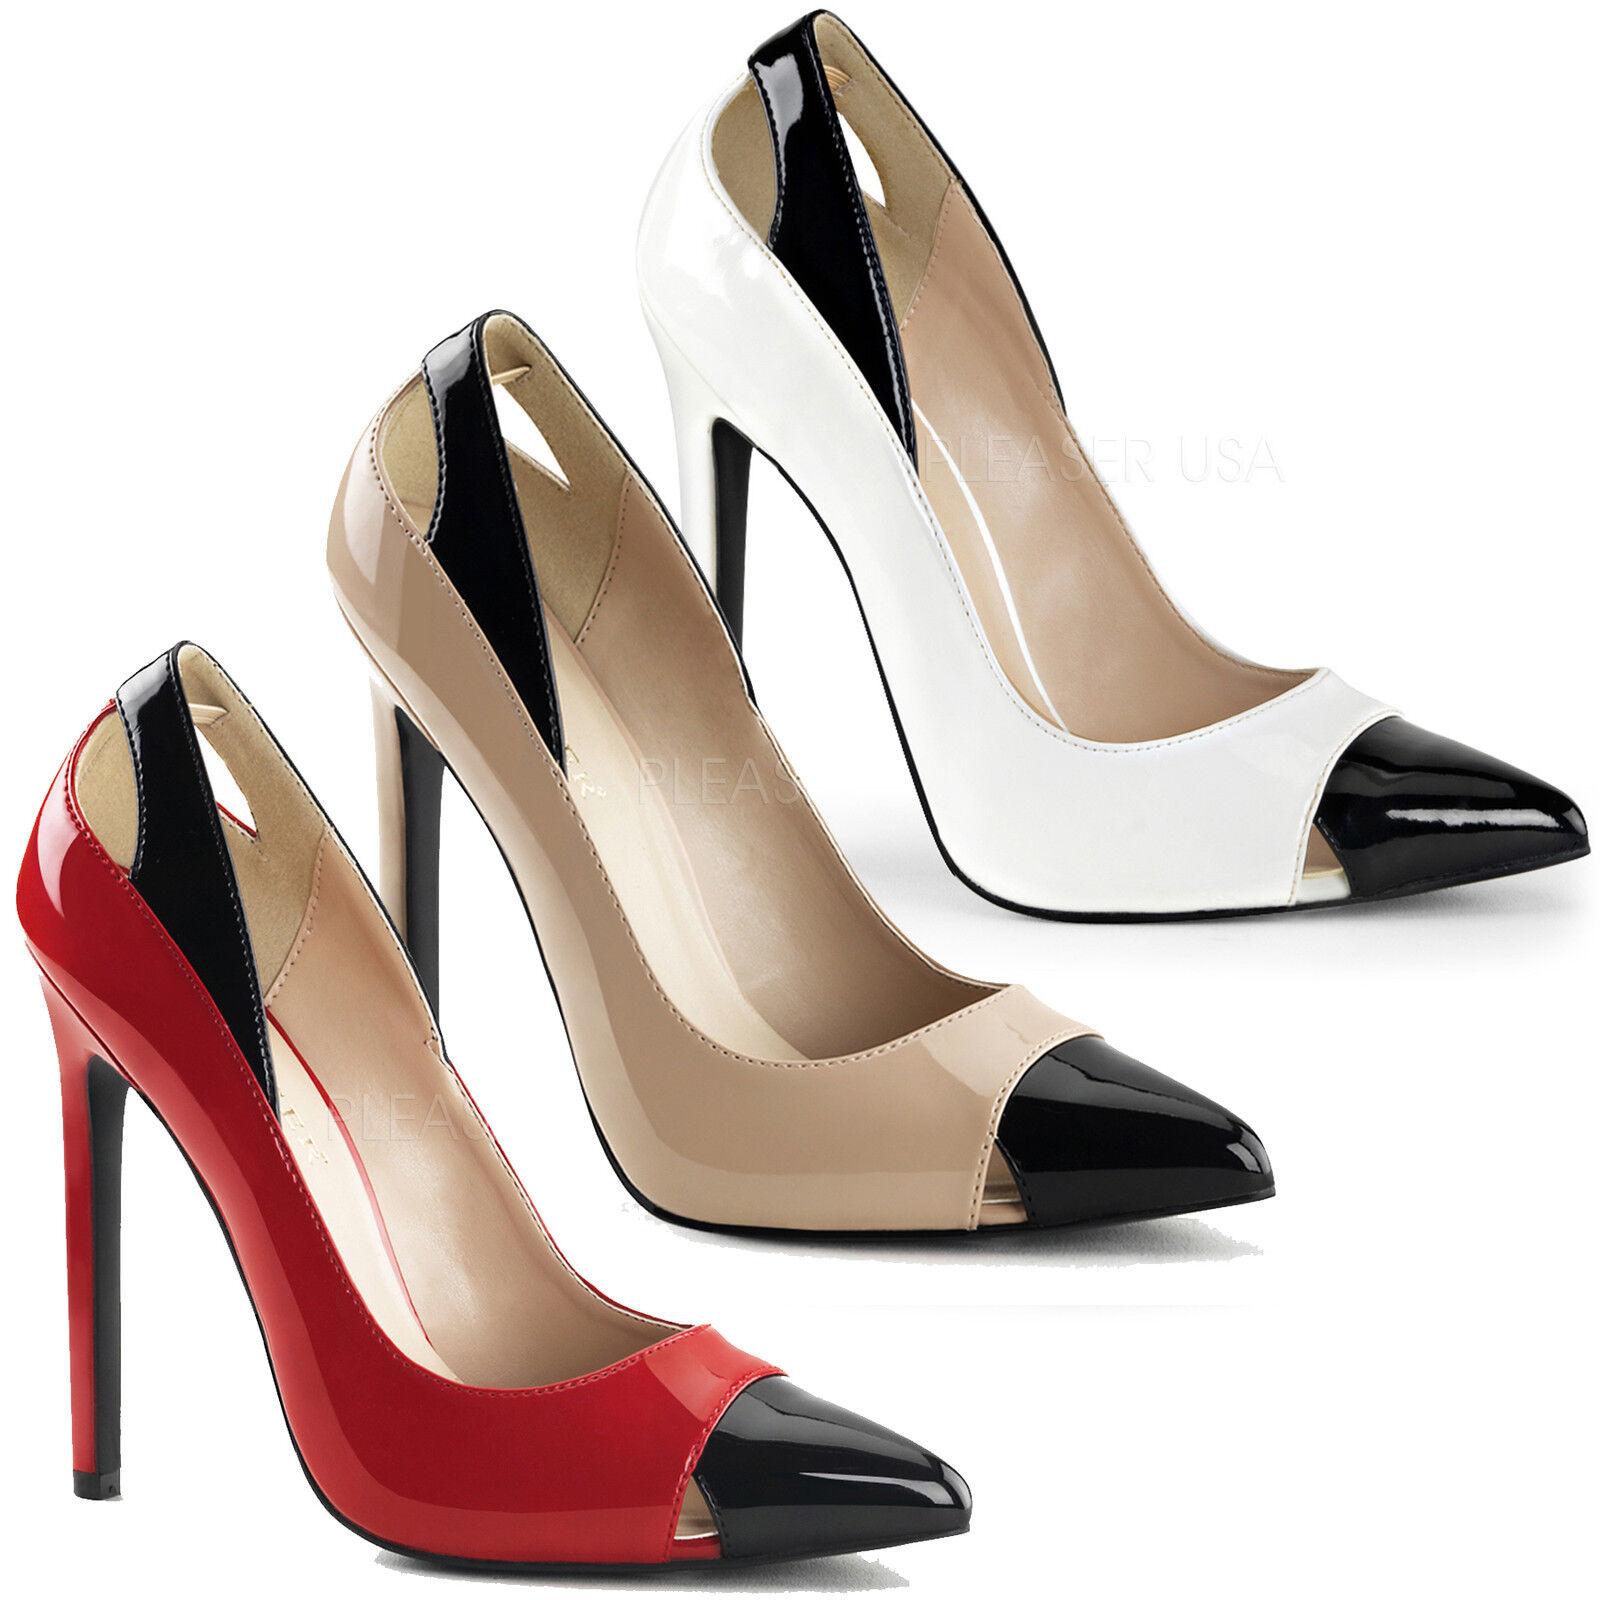 Sexy-22 Pleaser femmes Talons-Hauts Escarpins rouge blanc Tons chair noir vernis T 35-45